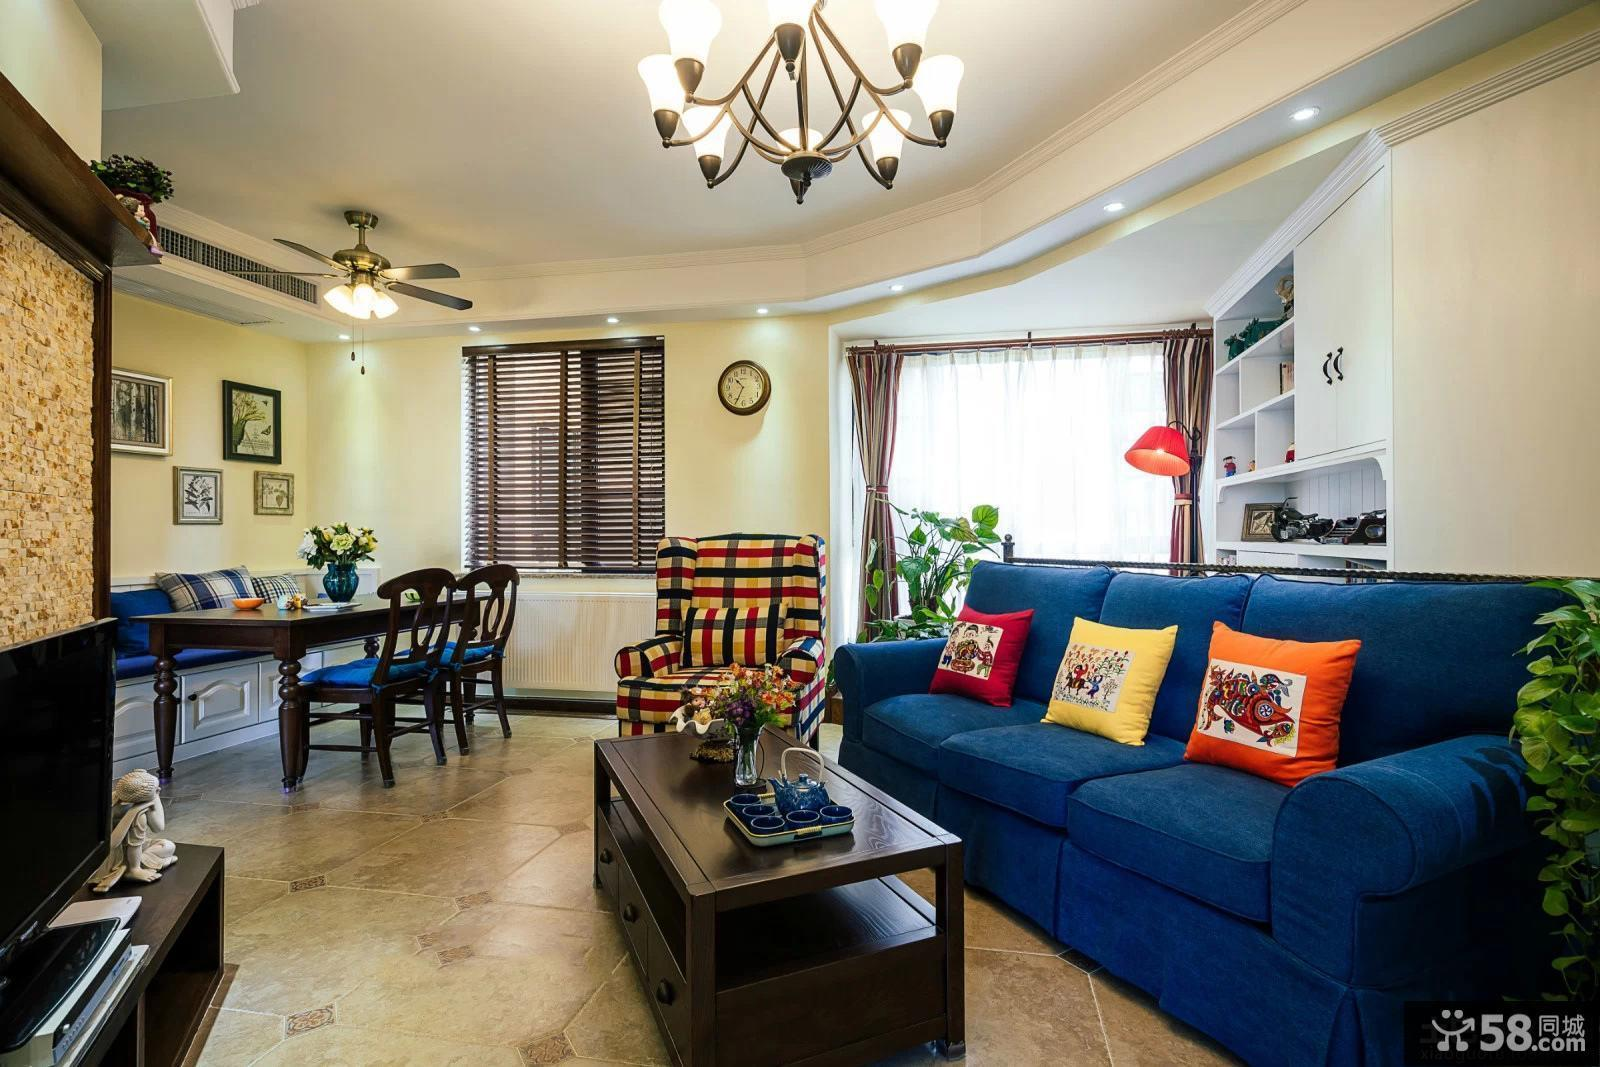 94平米田园两室一厅户型室内色彩搭配效果图